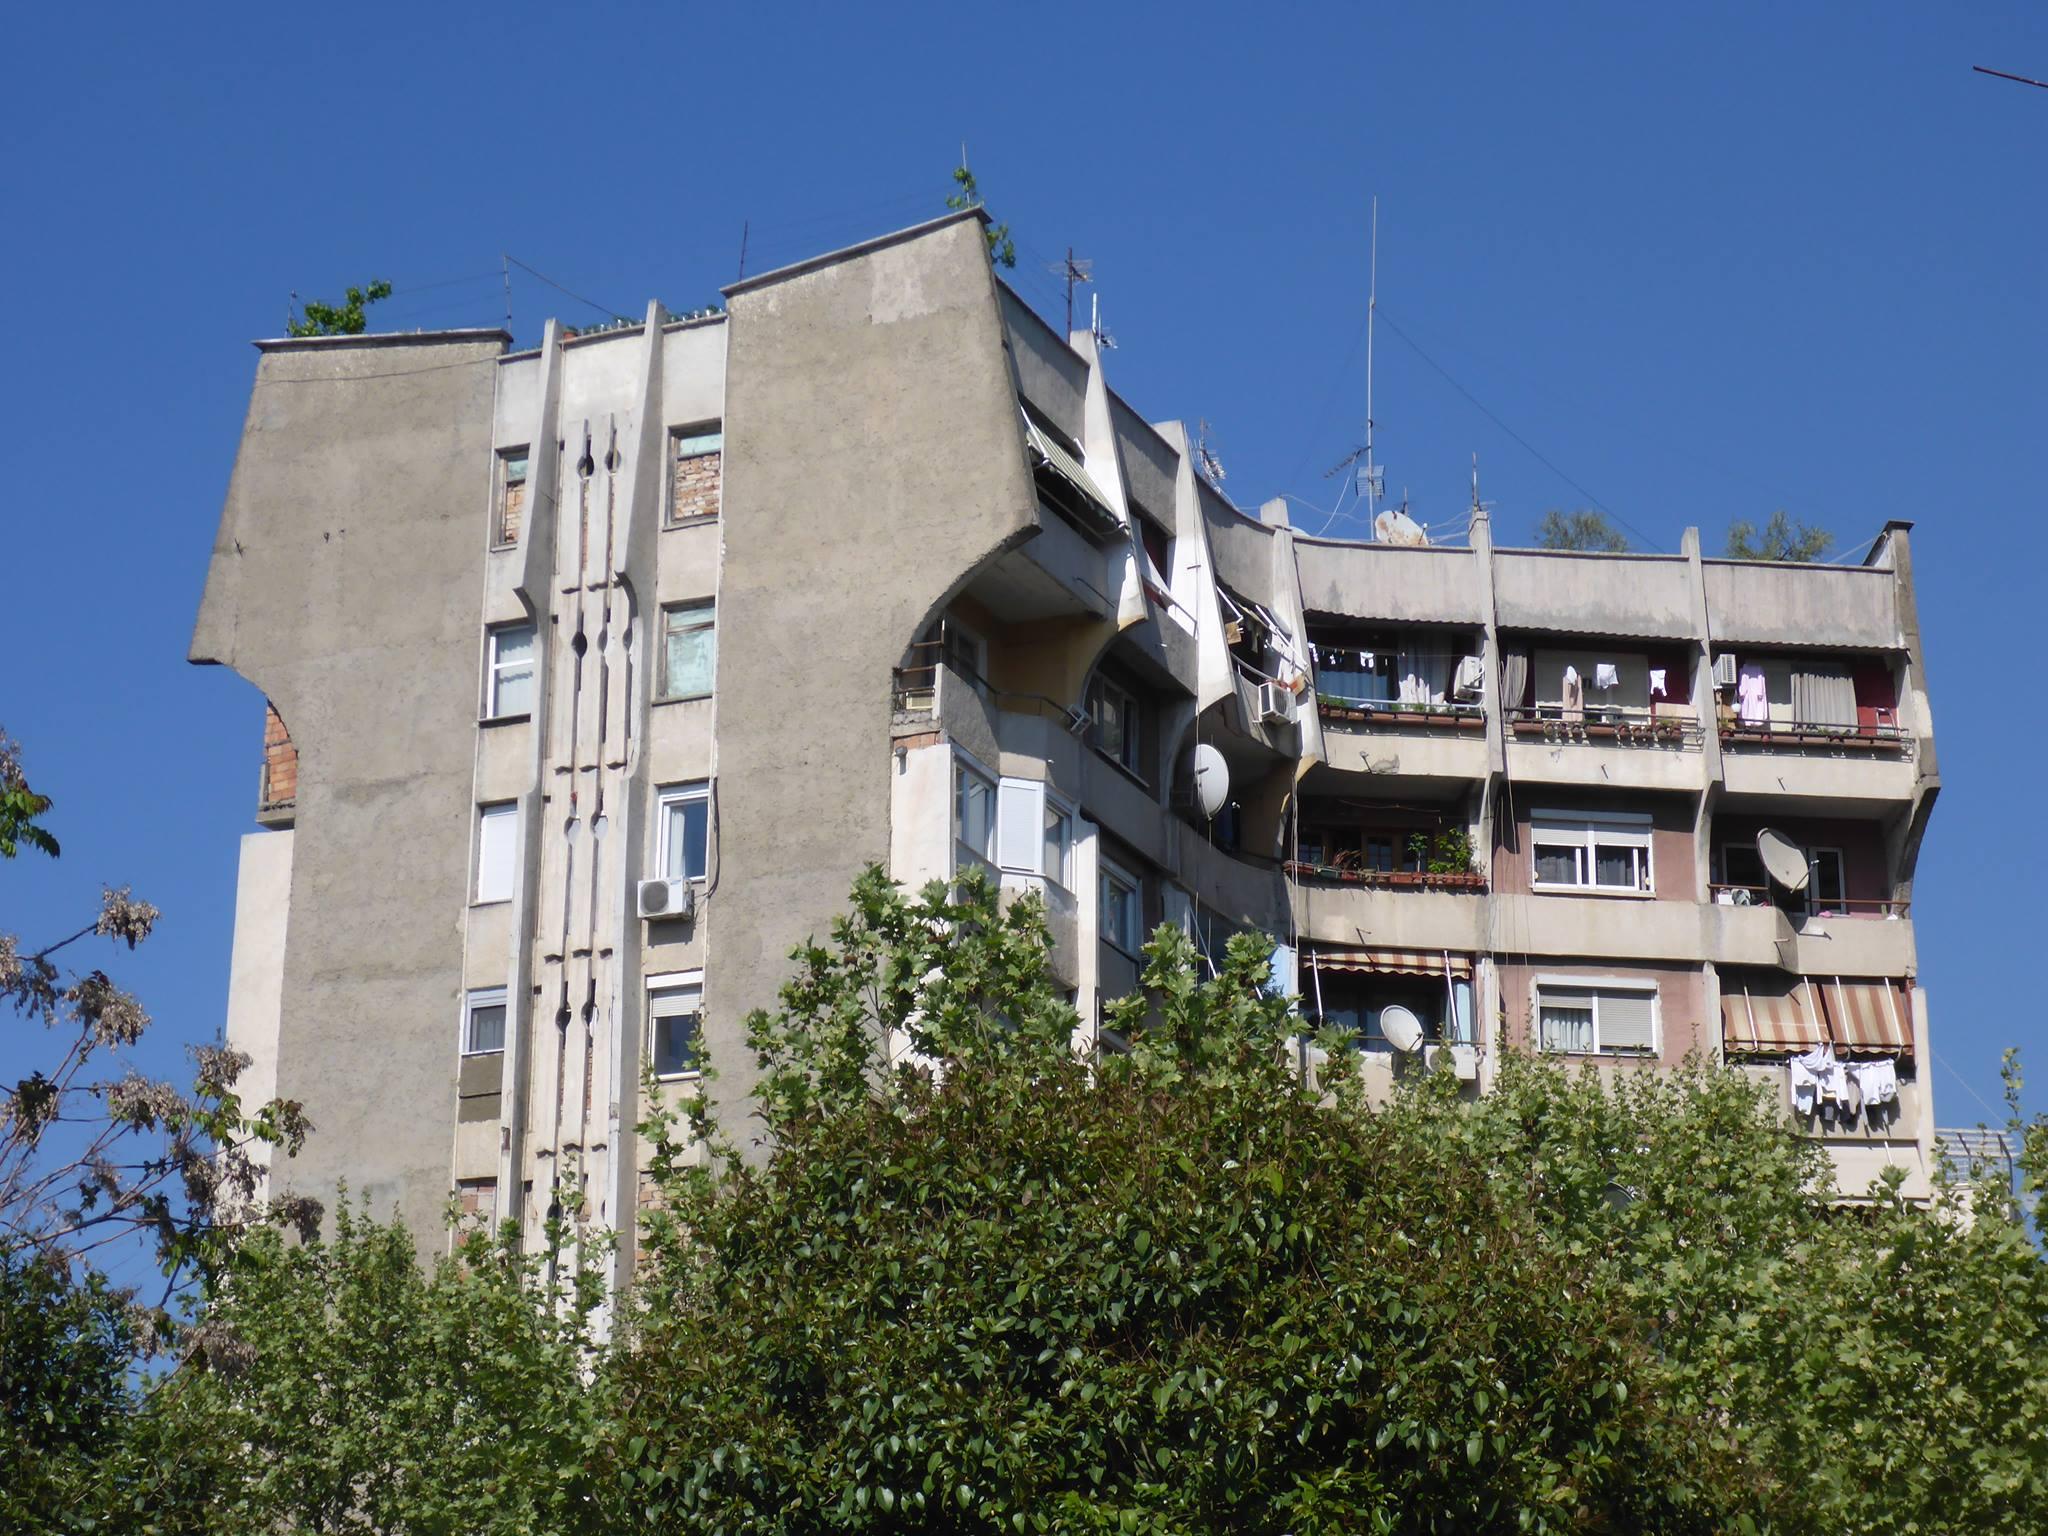 La ville de Tirana et ces immeubles sinistres